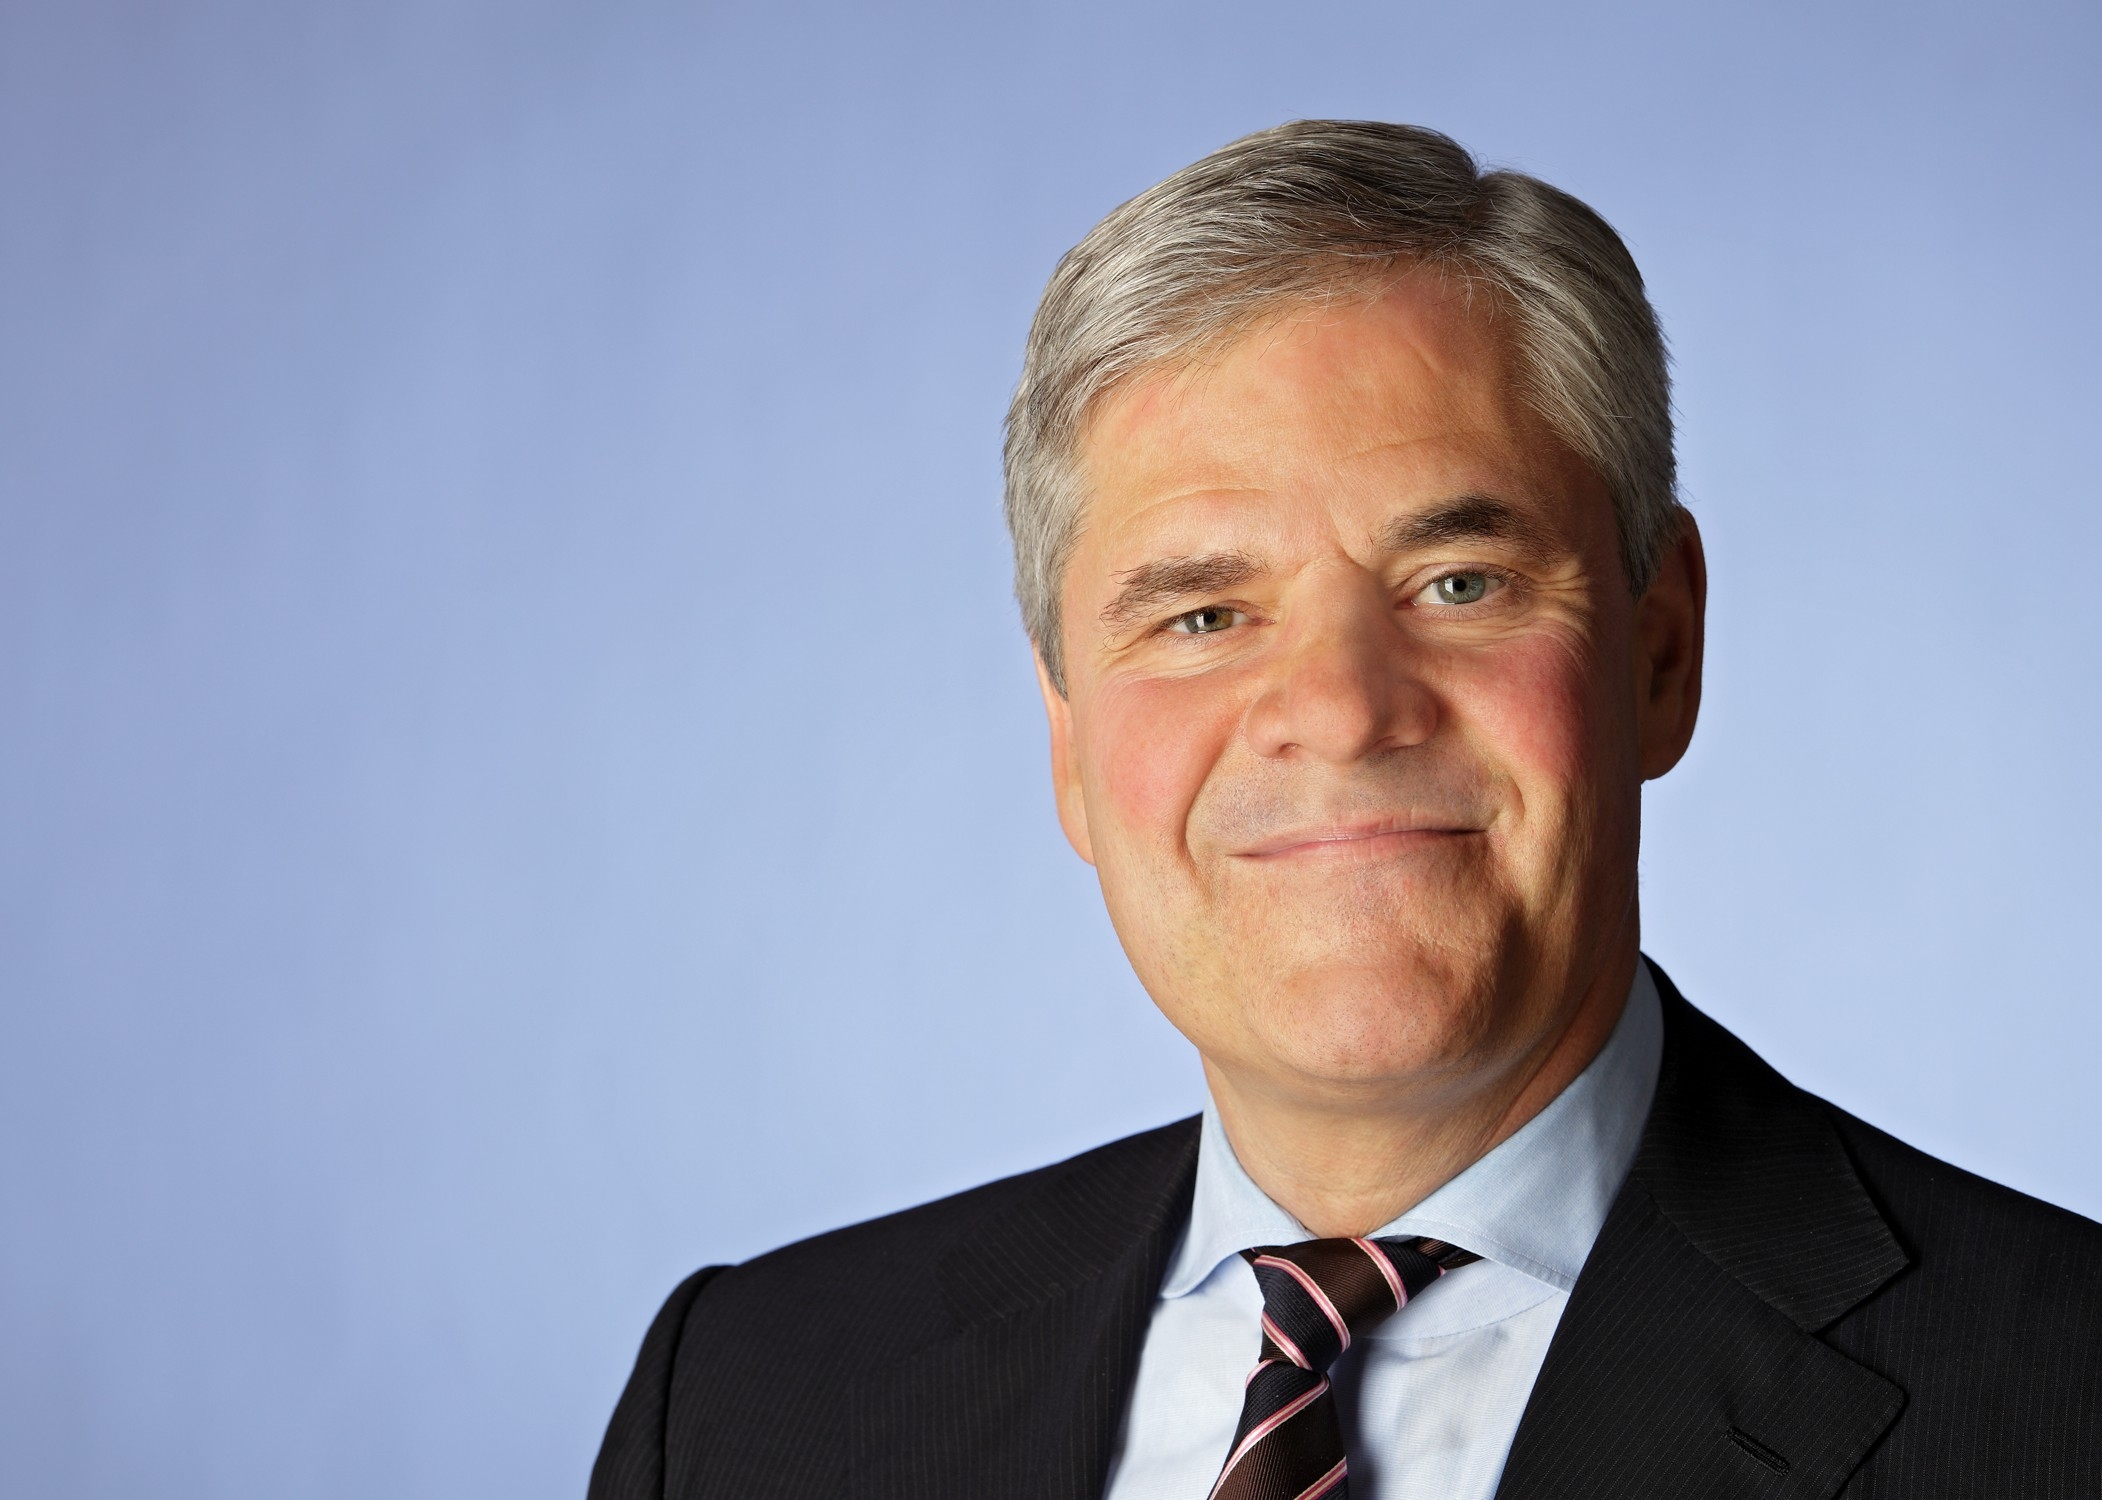 deutsche bundesbank nürnberg